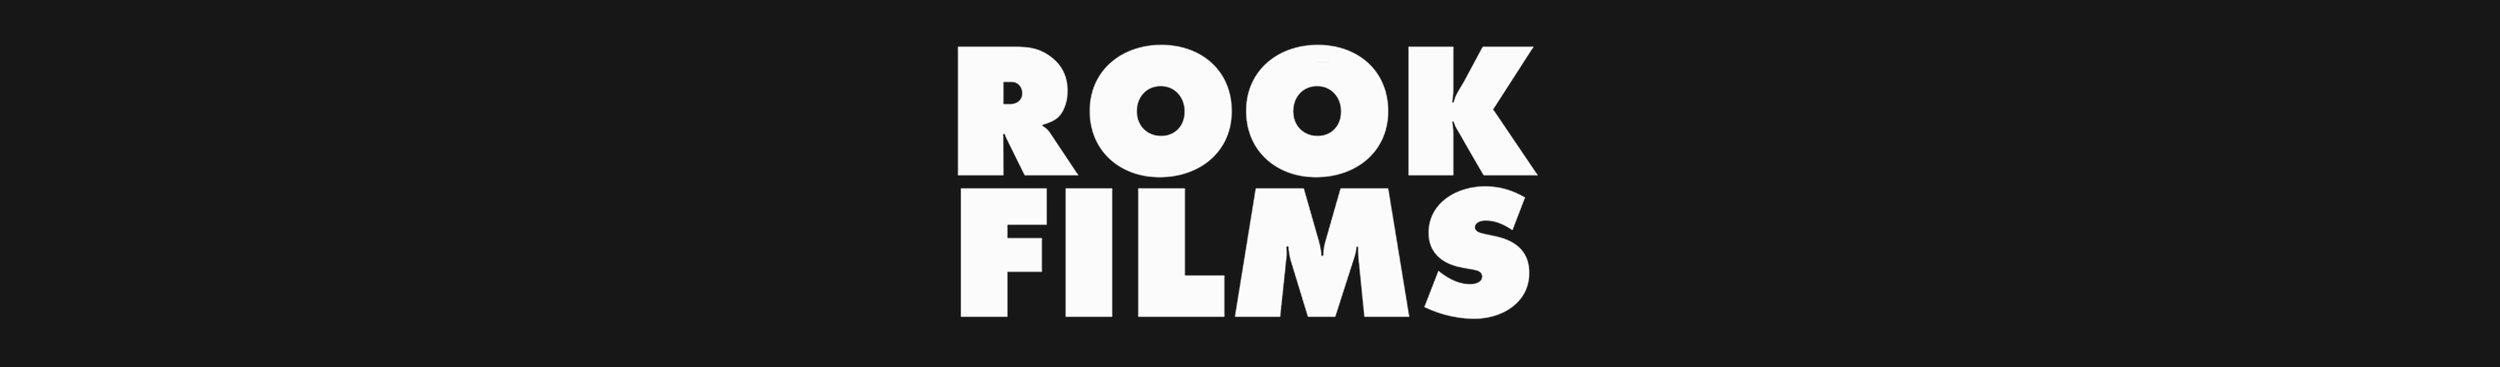 IntWebsite_Clients_White_RookFilms.jpg